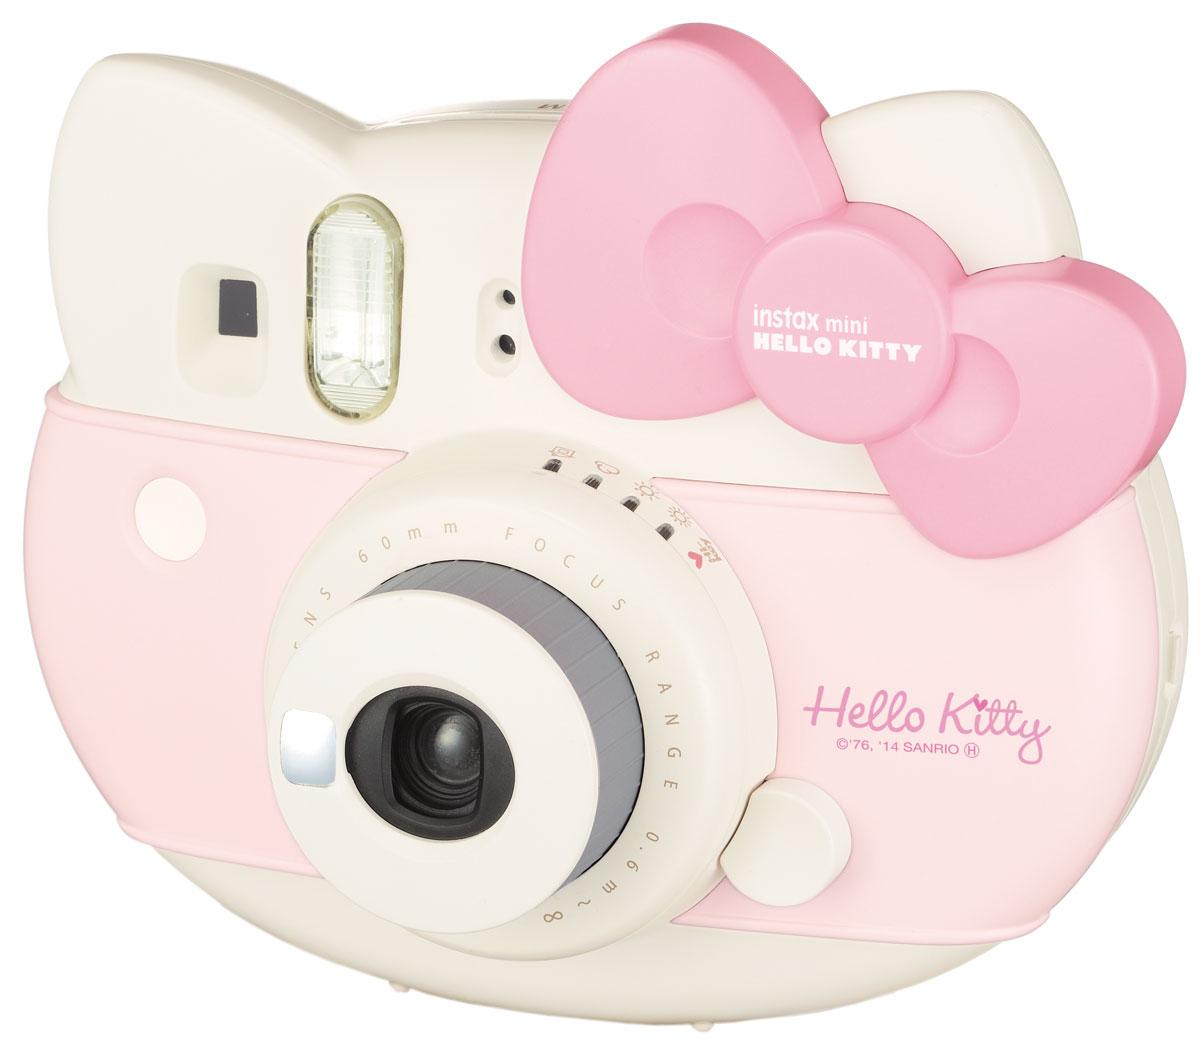 Fujifilm Instax Mini Hello Kitty, Pink фотоаппарат моментальной печати16444064Трогательный Instax Mini Hello Kitty является достойным представителем семьи Instax. В набор включены аксессуарыHello Kitty лимитированной серии: разноцветный ремешок для ношения на плече, кассета Hello Kitty на 10 снимков, атакже комплект наклеек с этим милым котиком.В Instax Mini Hello Kitty предусмотрена возможность настройки стандартной экспозиции в 4 уровня: солнечно,облачно, пасмурно и в помещении. В дополнение к этим экспозициям в камере Instax Mini Hello Kitty присутствует High-Key съемка: с ее помощью вы будете получать яркие и теплые снимки, благодаря повышению диафрагмы на 2/3 части. При съемке маленьких предметов используйте объектив макро-съемки и на снимке вы получите их увеличенное изображение. В камеру уже встроено зеркальце для селфи и стандартный комплект идет с макро-линзой для съемки с близких расстояний. Выдержка в обозначении 1/60 сек Рекомендуемое расстояния при съемке 60 см - 3 м Объектив Fujinon Размер снимка: 64 х 46 мм Затвор: 1/60 сек. Режим вспышки: авто